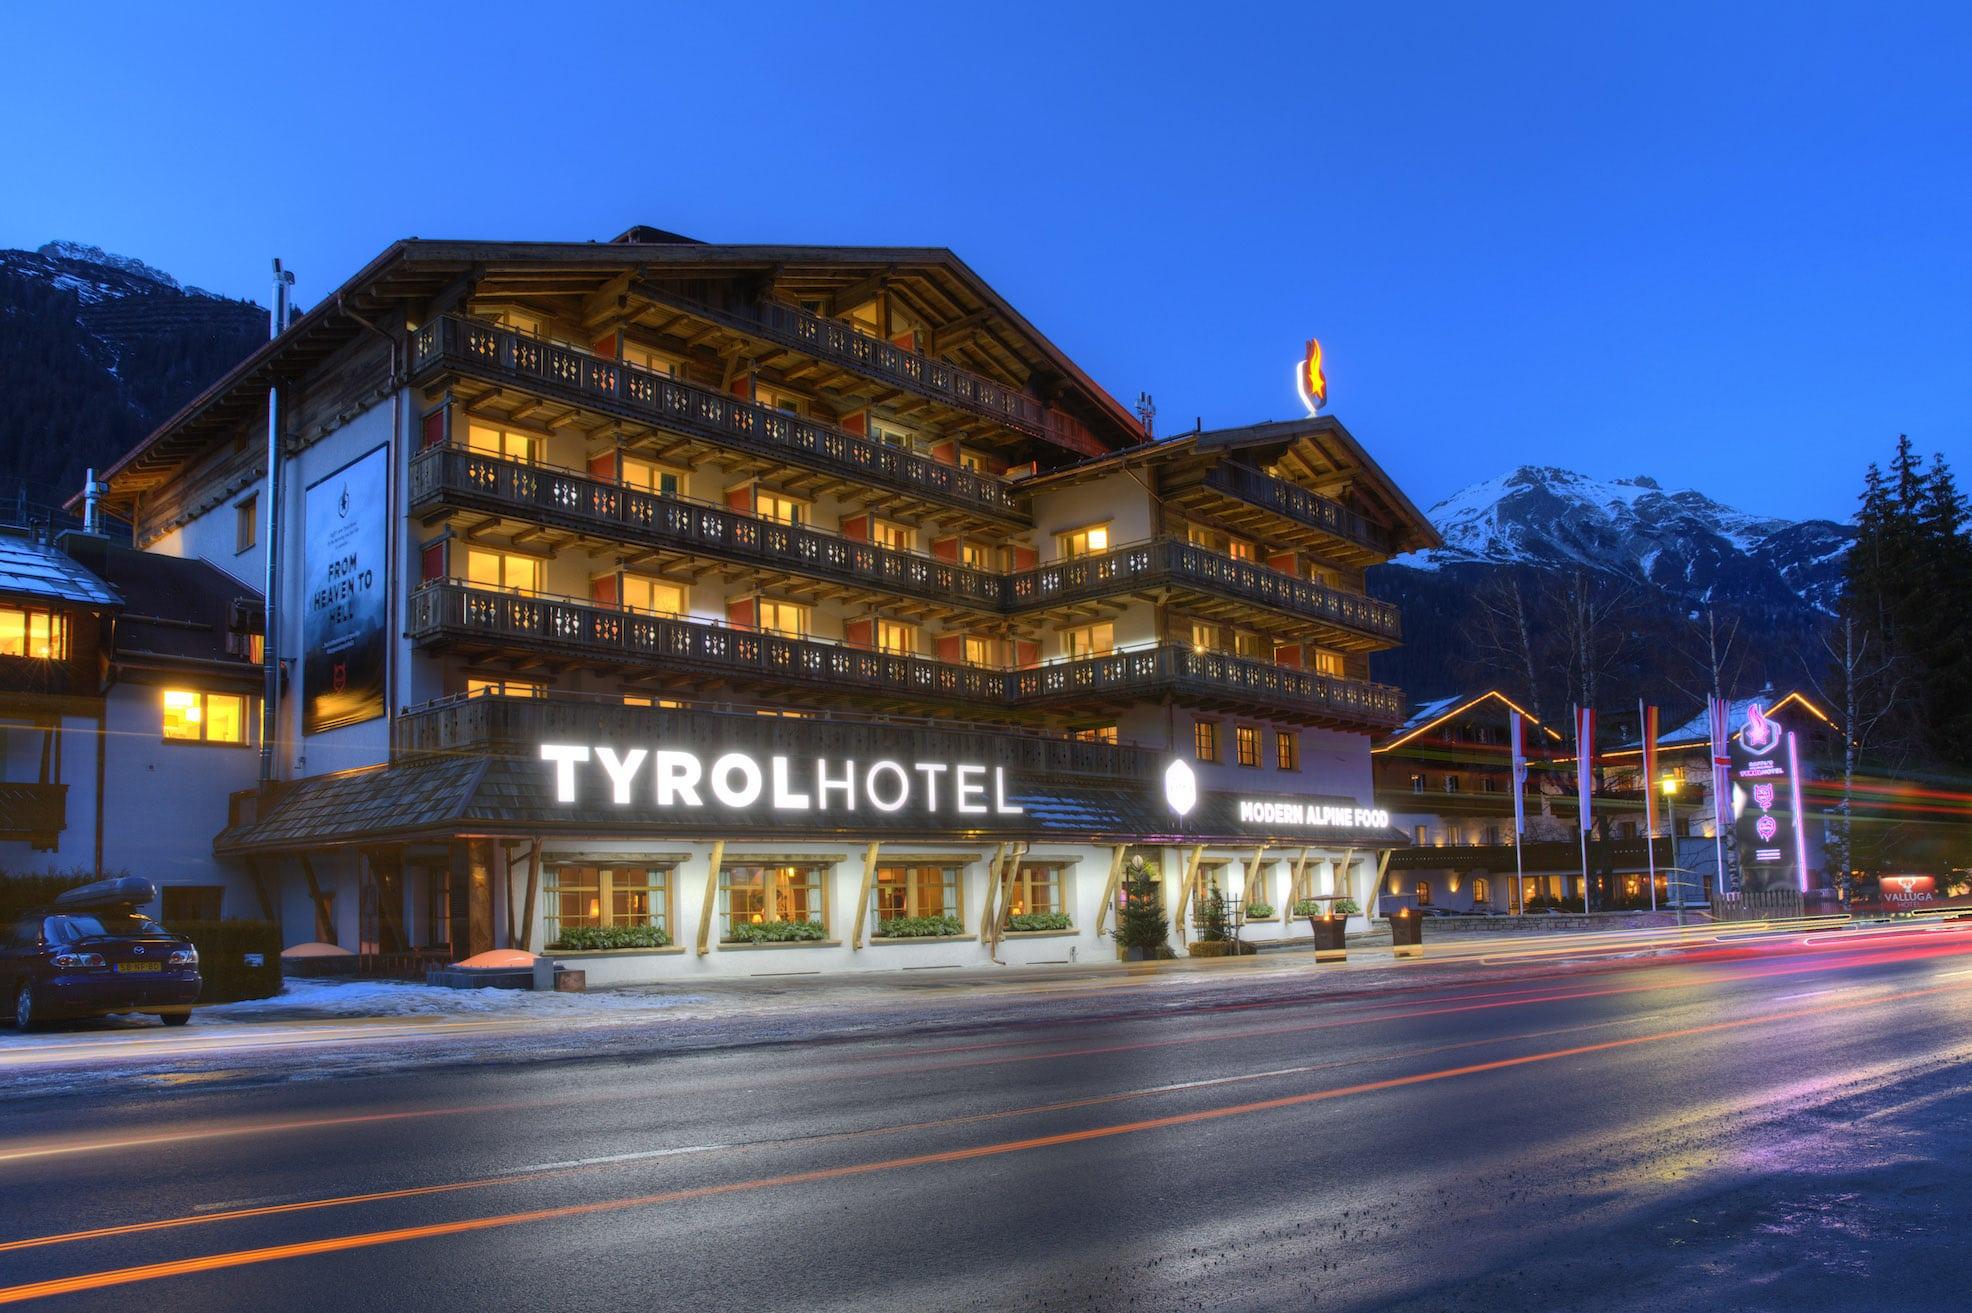 tyrolhotel-aussen-02